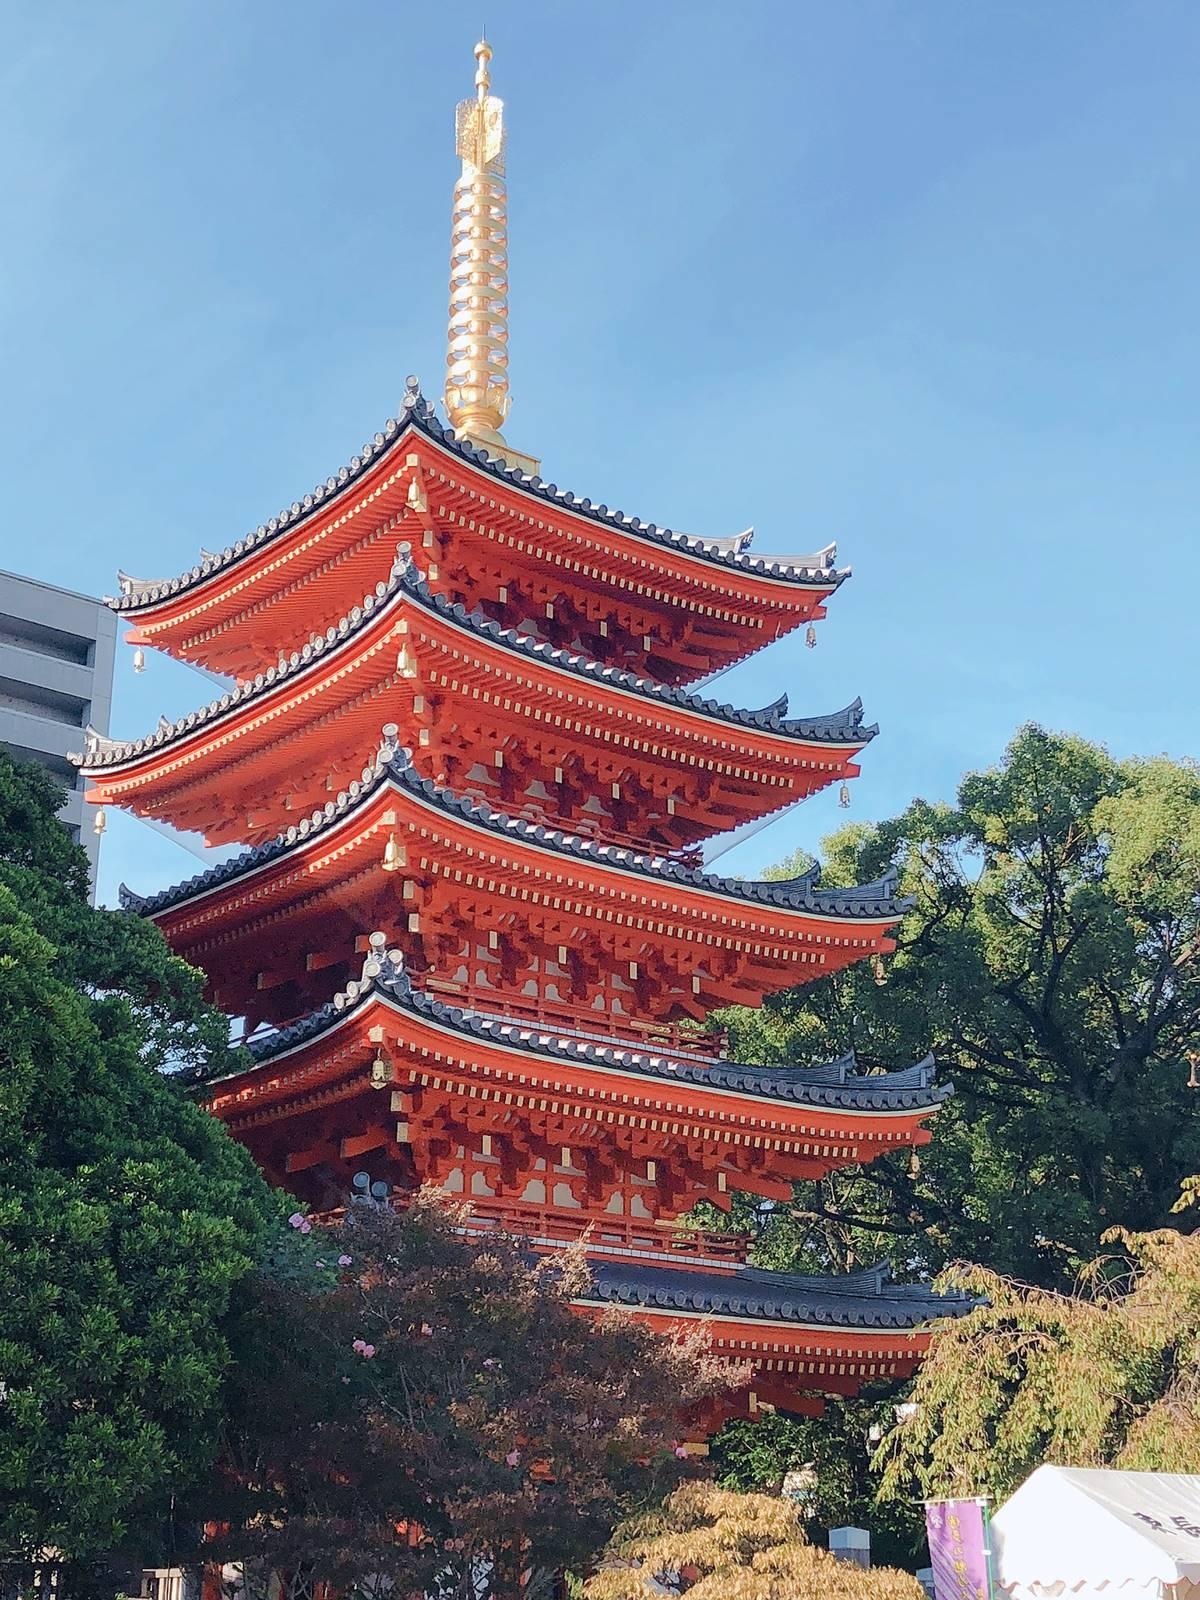 福岡-景點-推薦-東長寺-福岡好玩景點-福岡必玩景點-福岡必去景點-福岡自由行景點-攻略-市區-郊區-旅遊-行程-Fukuoka-Tourist-Attraction